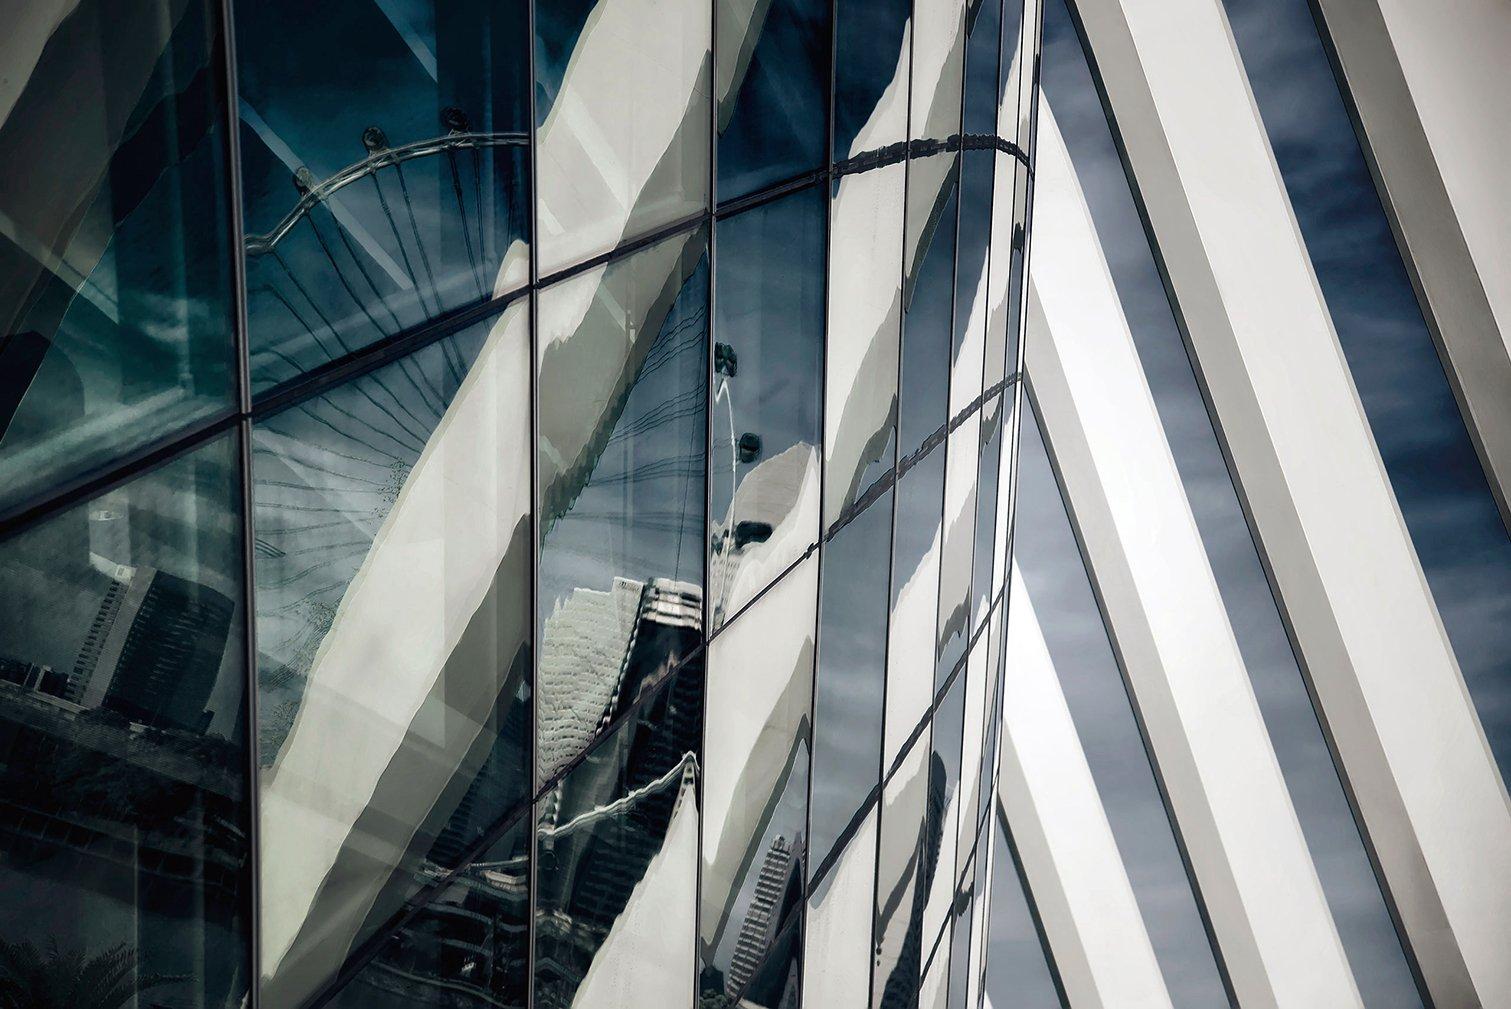 сингапур, город, отражение, абстракция, Алексей Ермаков